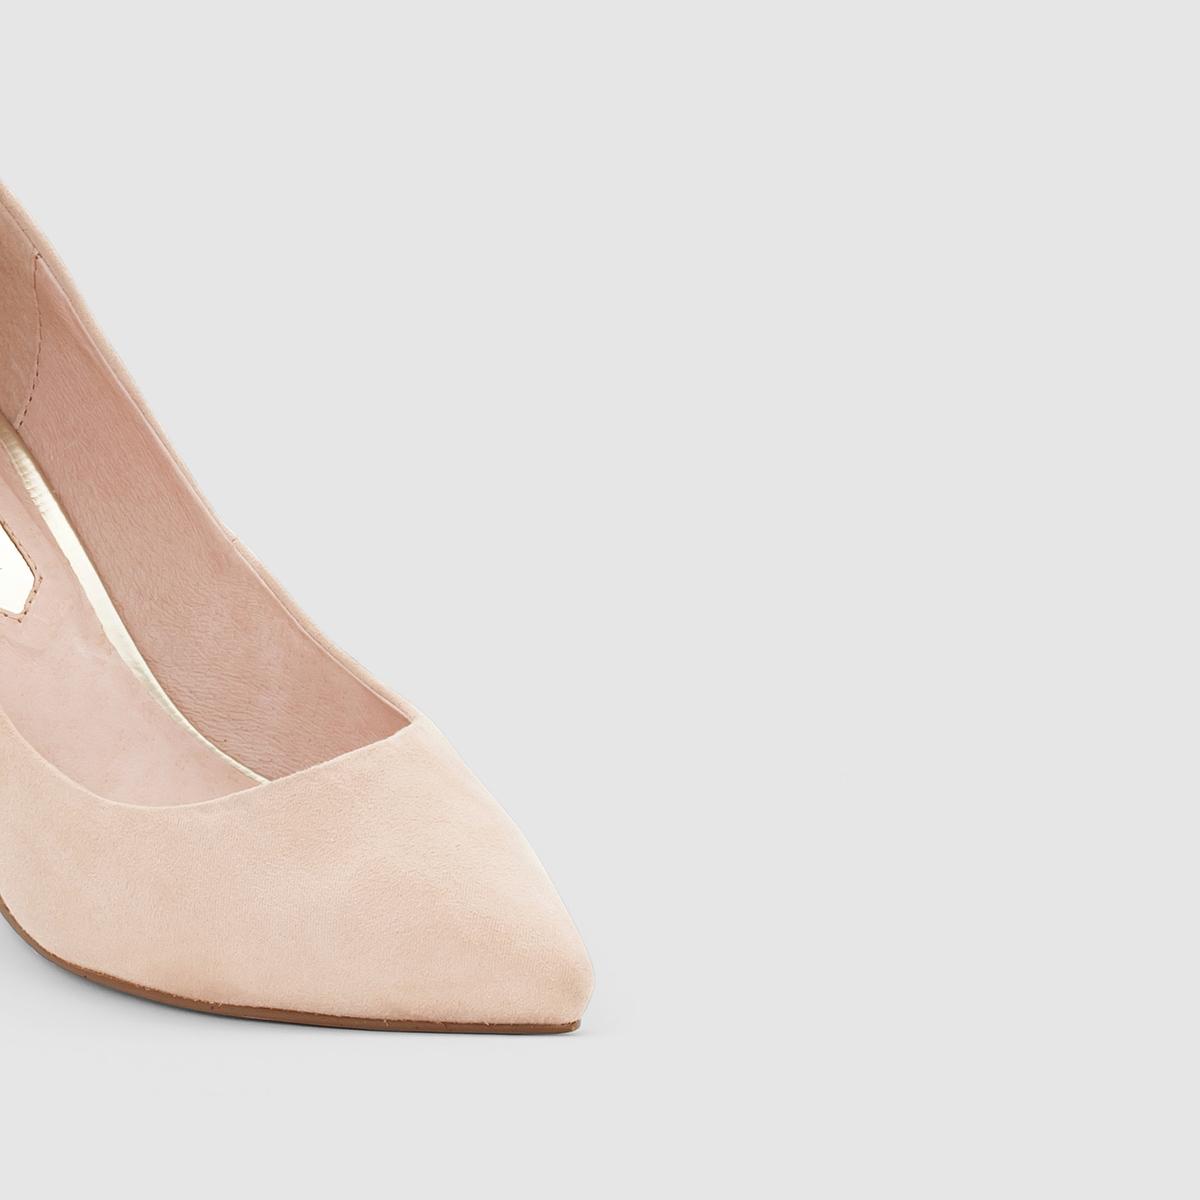 Туфли из нубукаДетали  •  Каблук-шпилька, высота 5 см •  Застежка : без застежки •  Заостренный мысок •  Велюровая отделка, нубукСостав и уход  •  Верх 100% синтетический материал •  Подкладка 100% кожа<br><br>Цвет: бежевый<br>Размер: 37